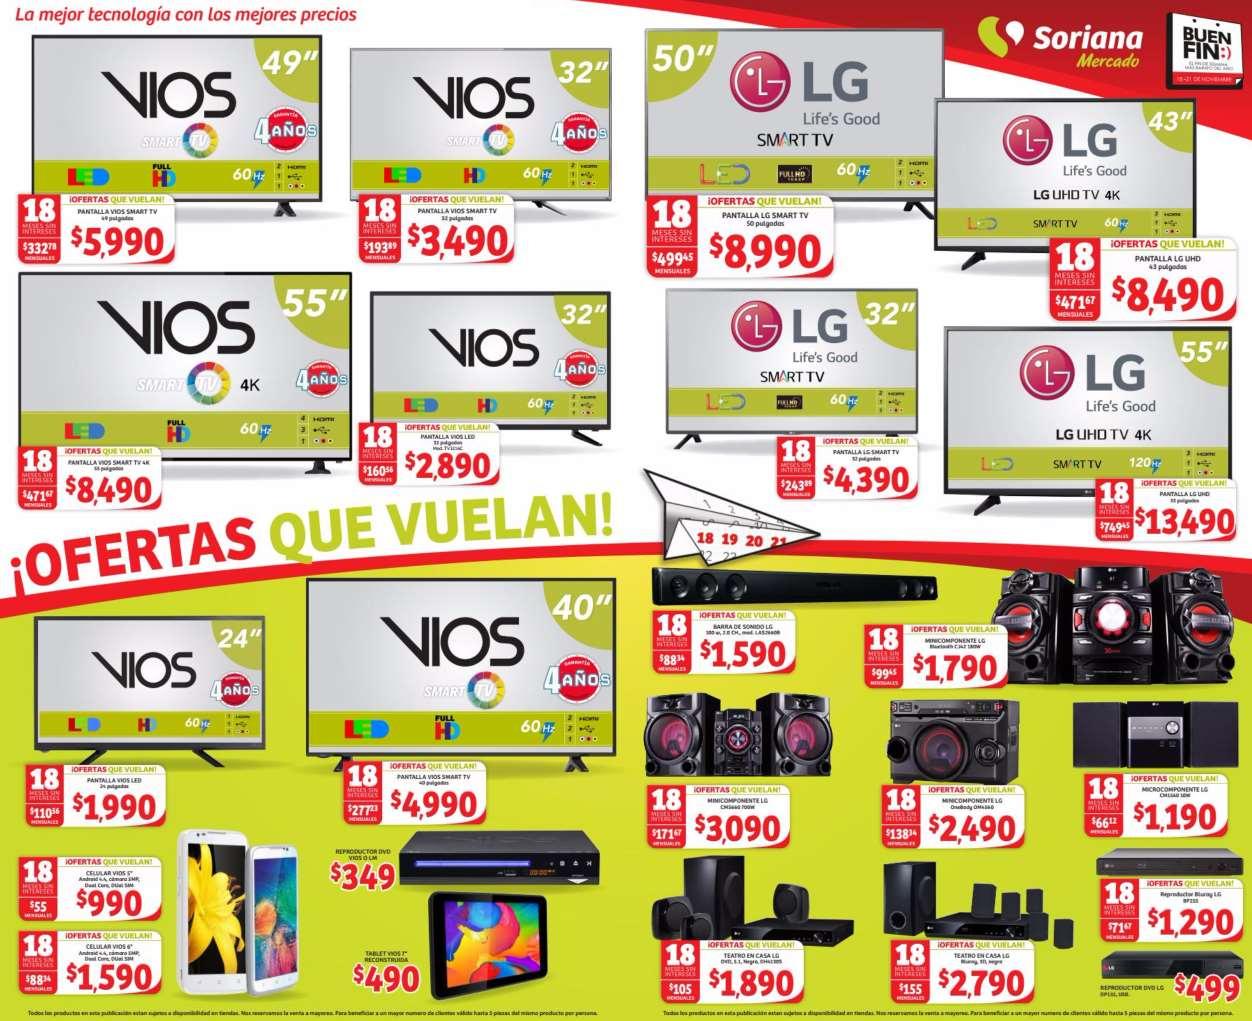 Folleto de ofertas del Buen Fin 2016 en Mercado Soriana